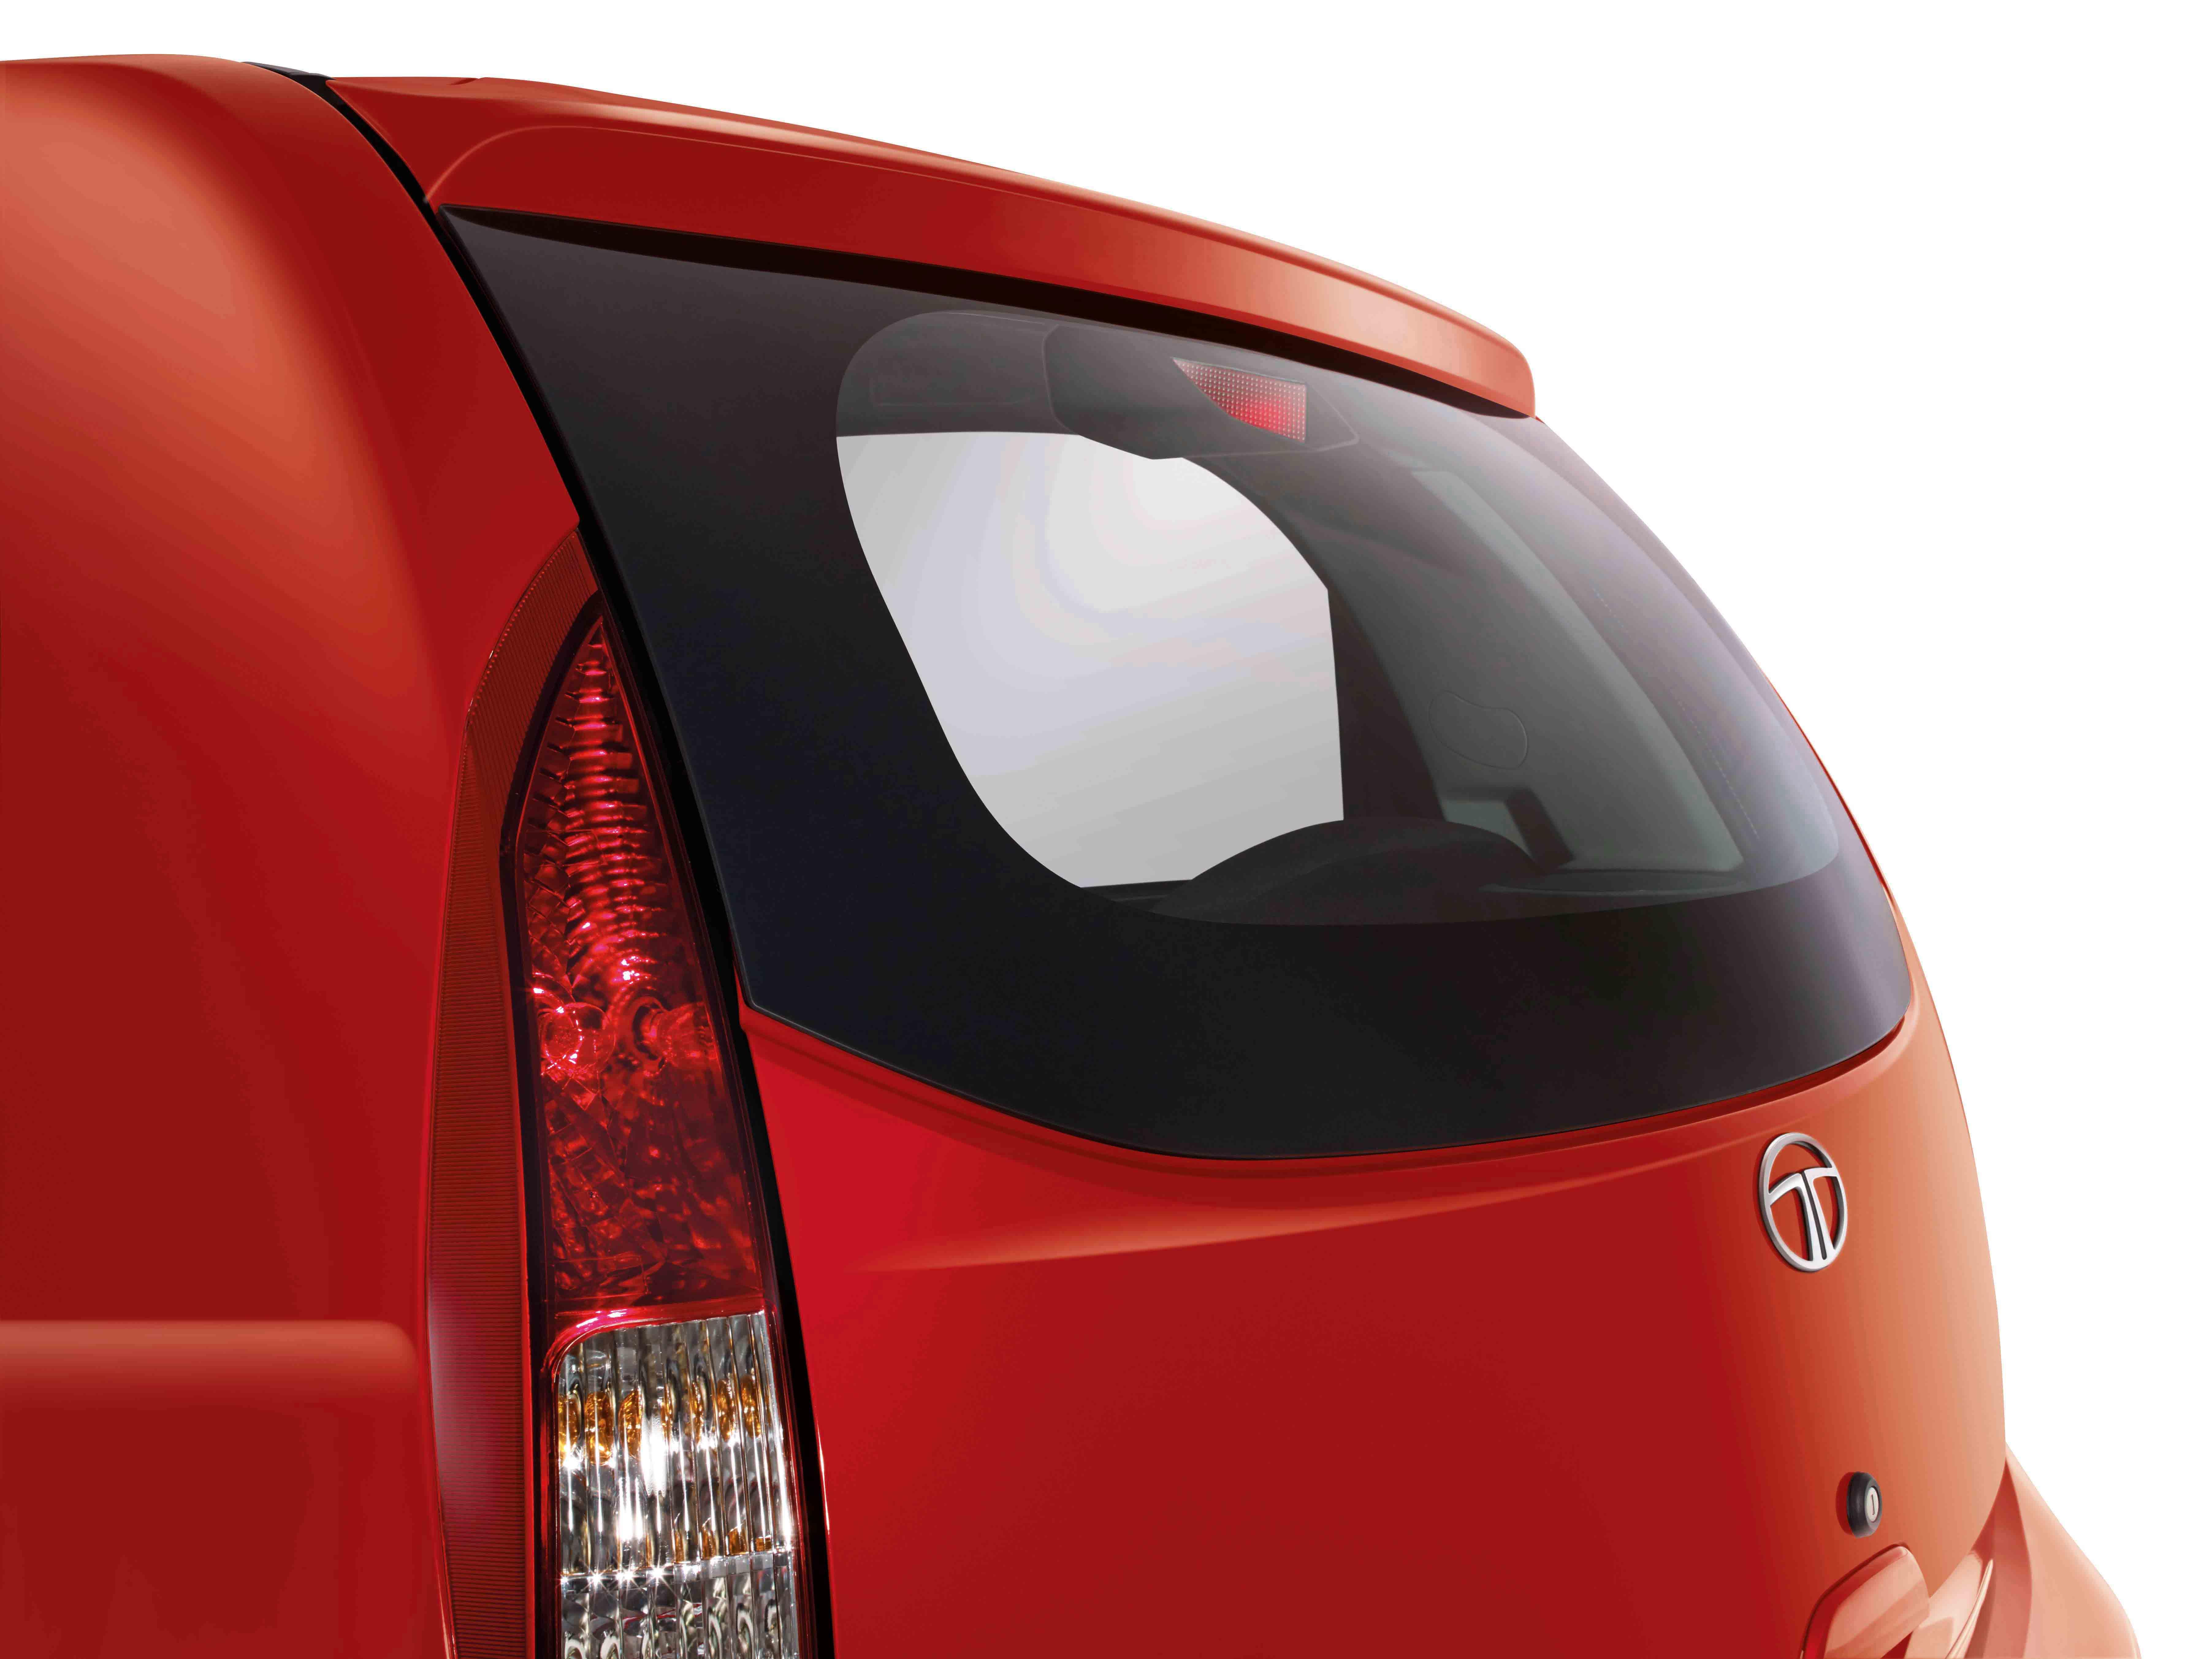 Design of tata nano car - 2015 Tata Nano Genx Pics Spoiler